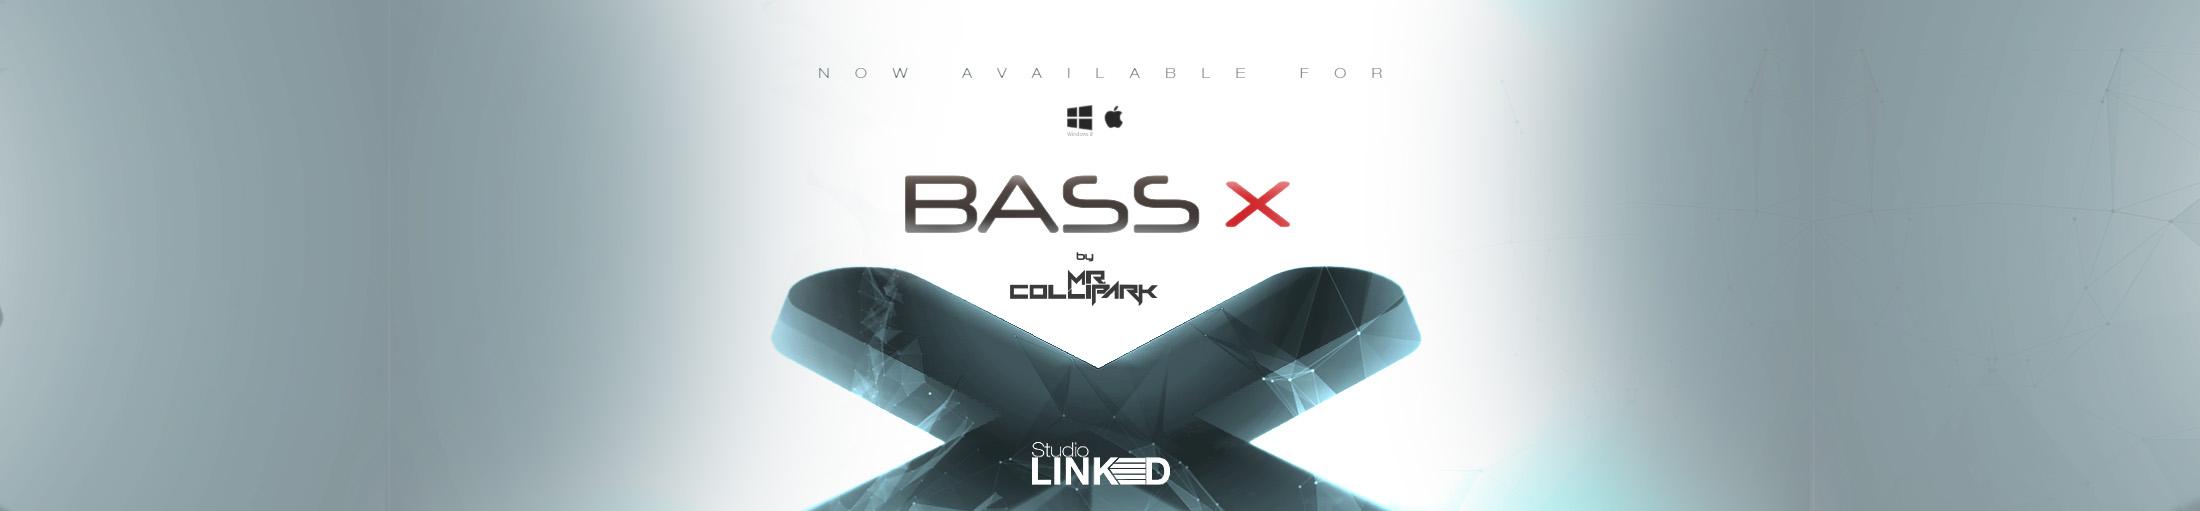 bassx-banner-12